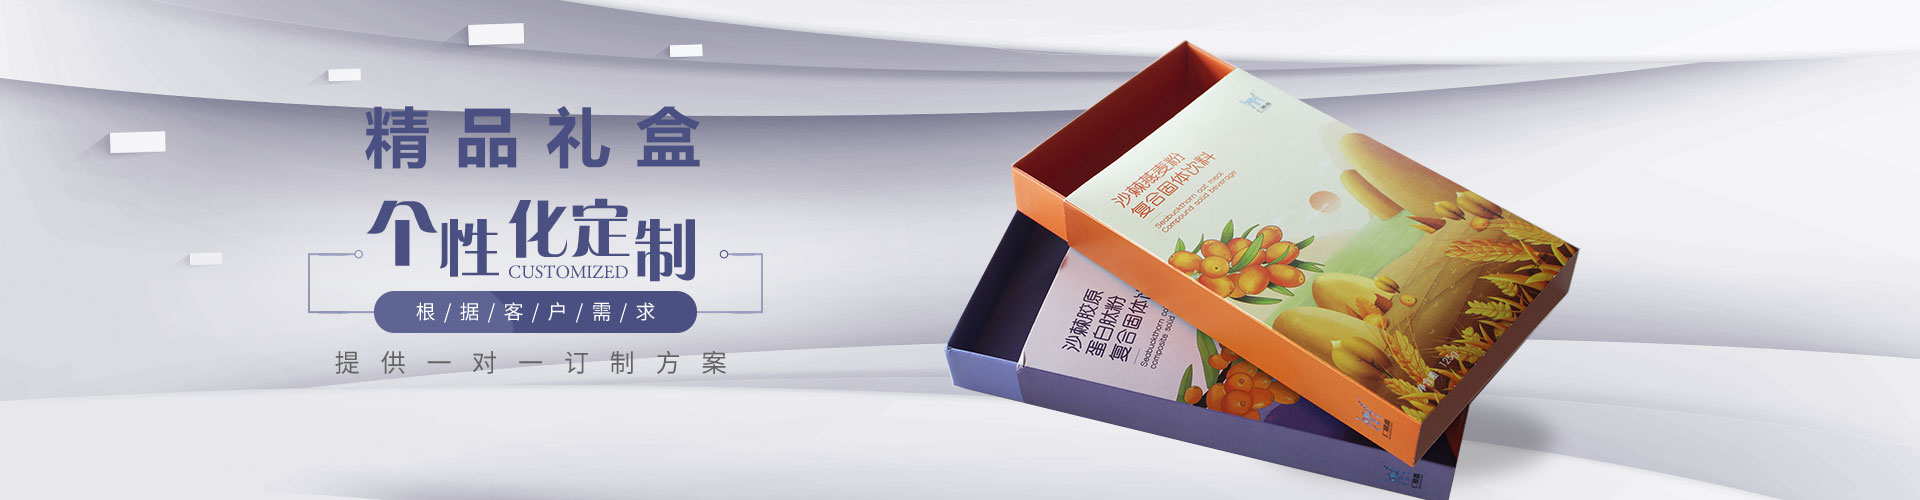 黑河包装印刷精品礼盒包装